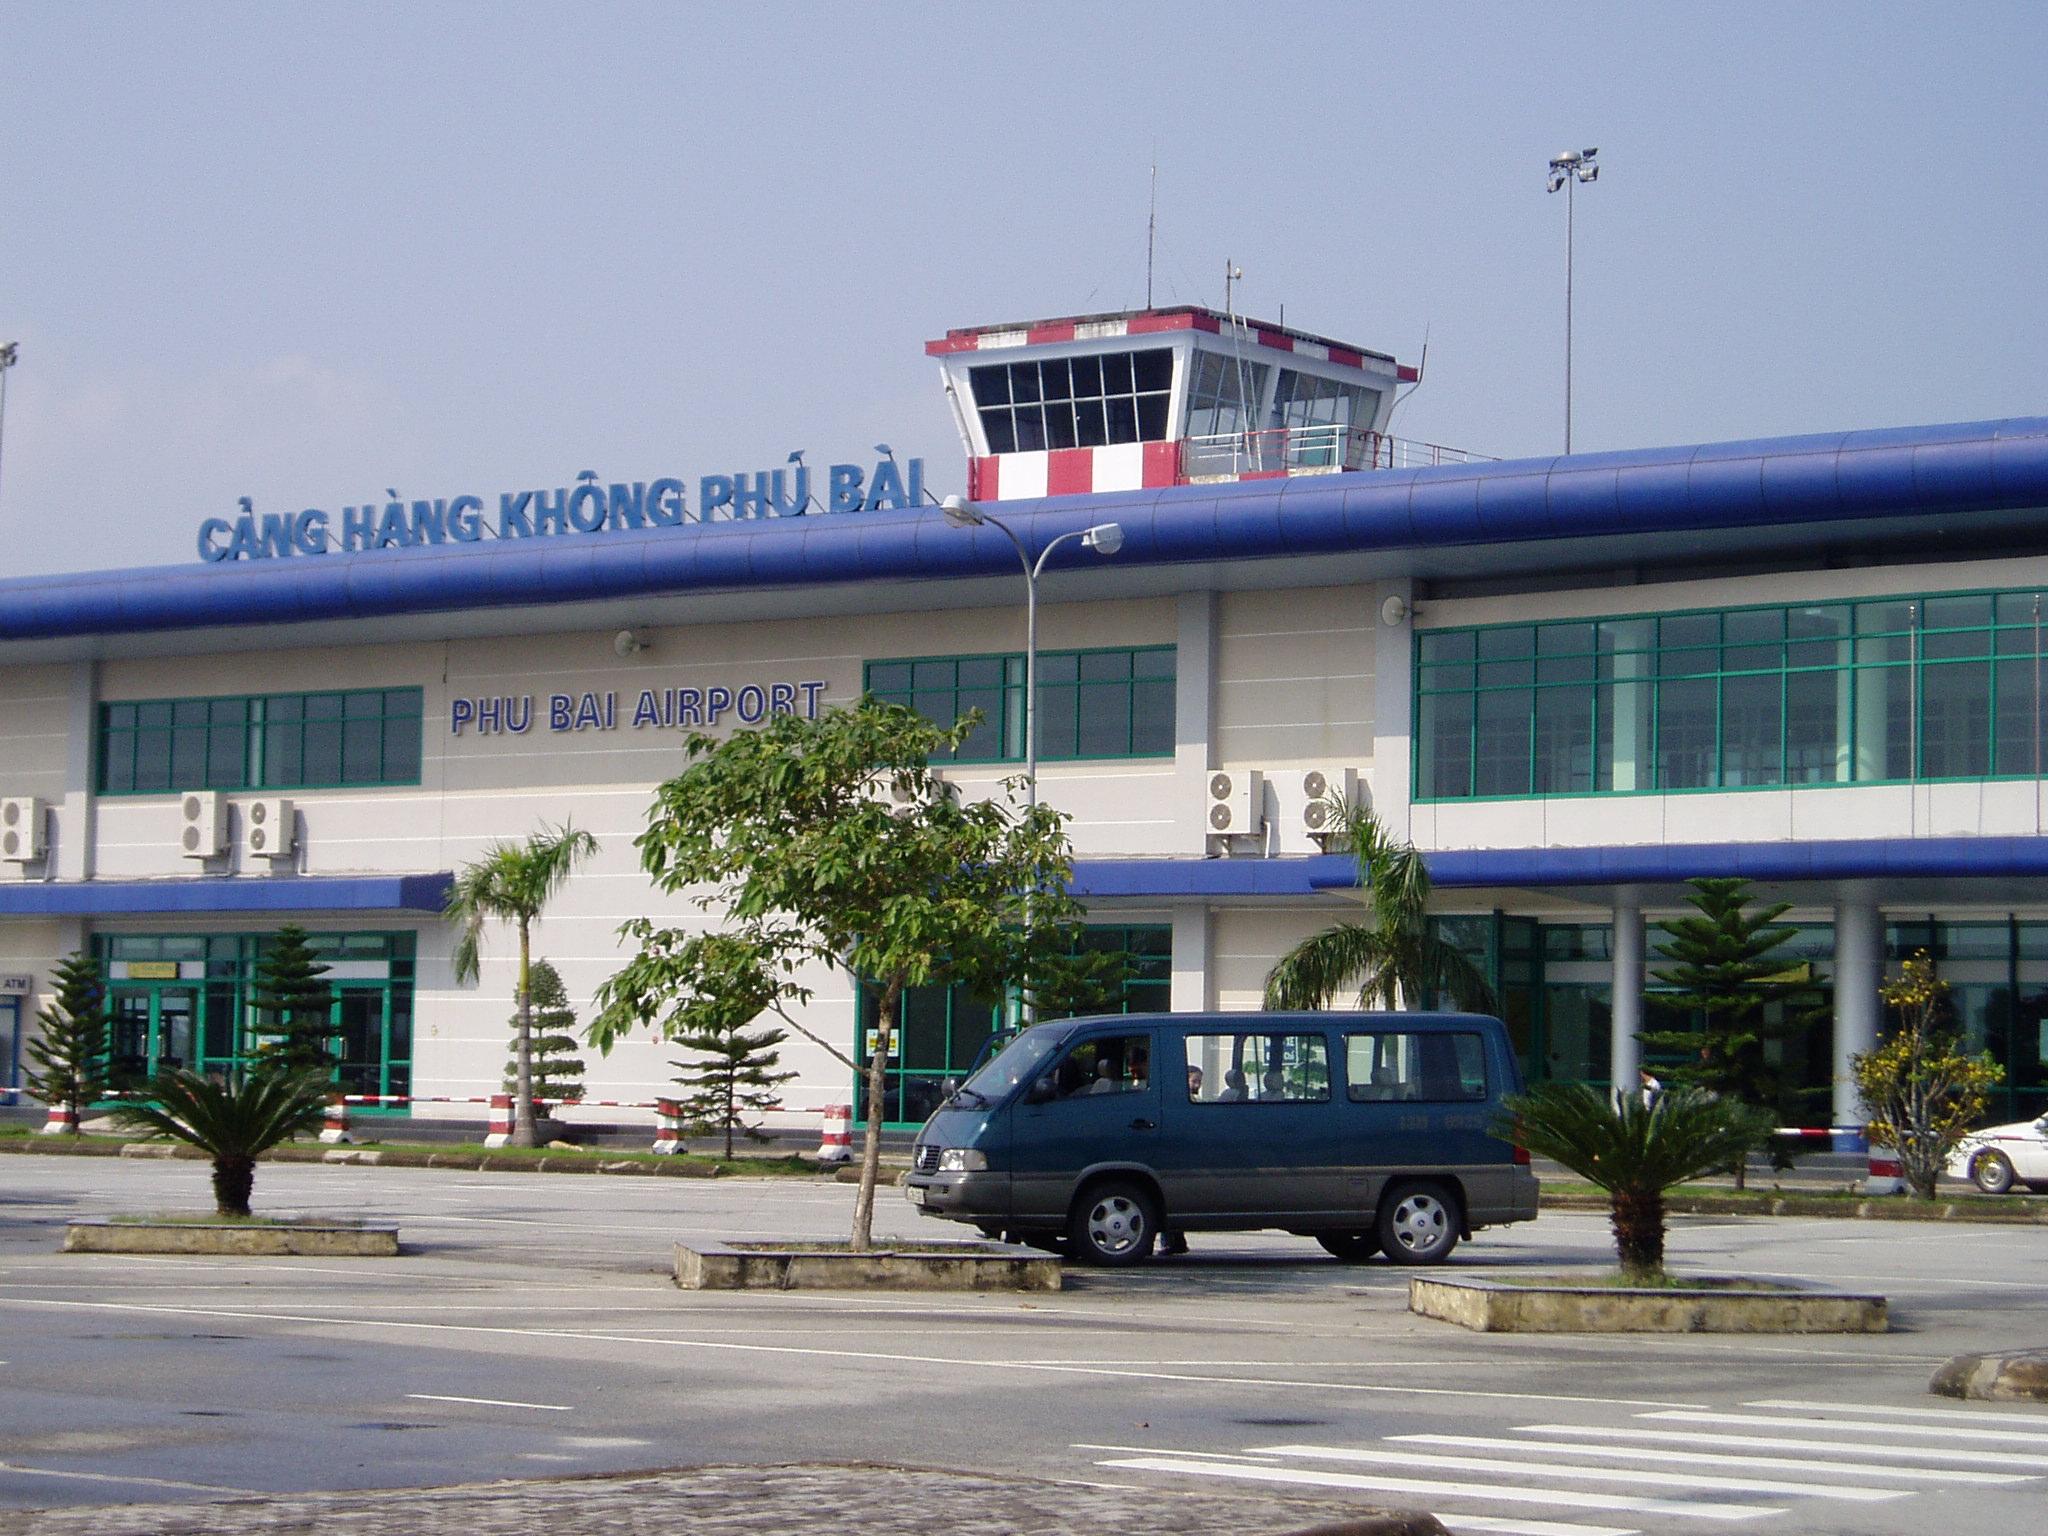 Vé máy bay  Buôn Ma Thuột đi Phú Bài